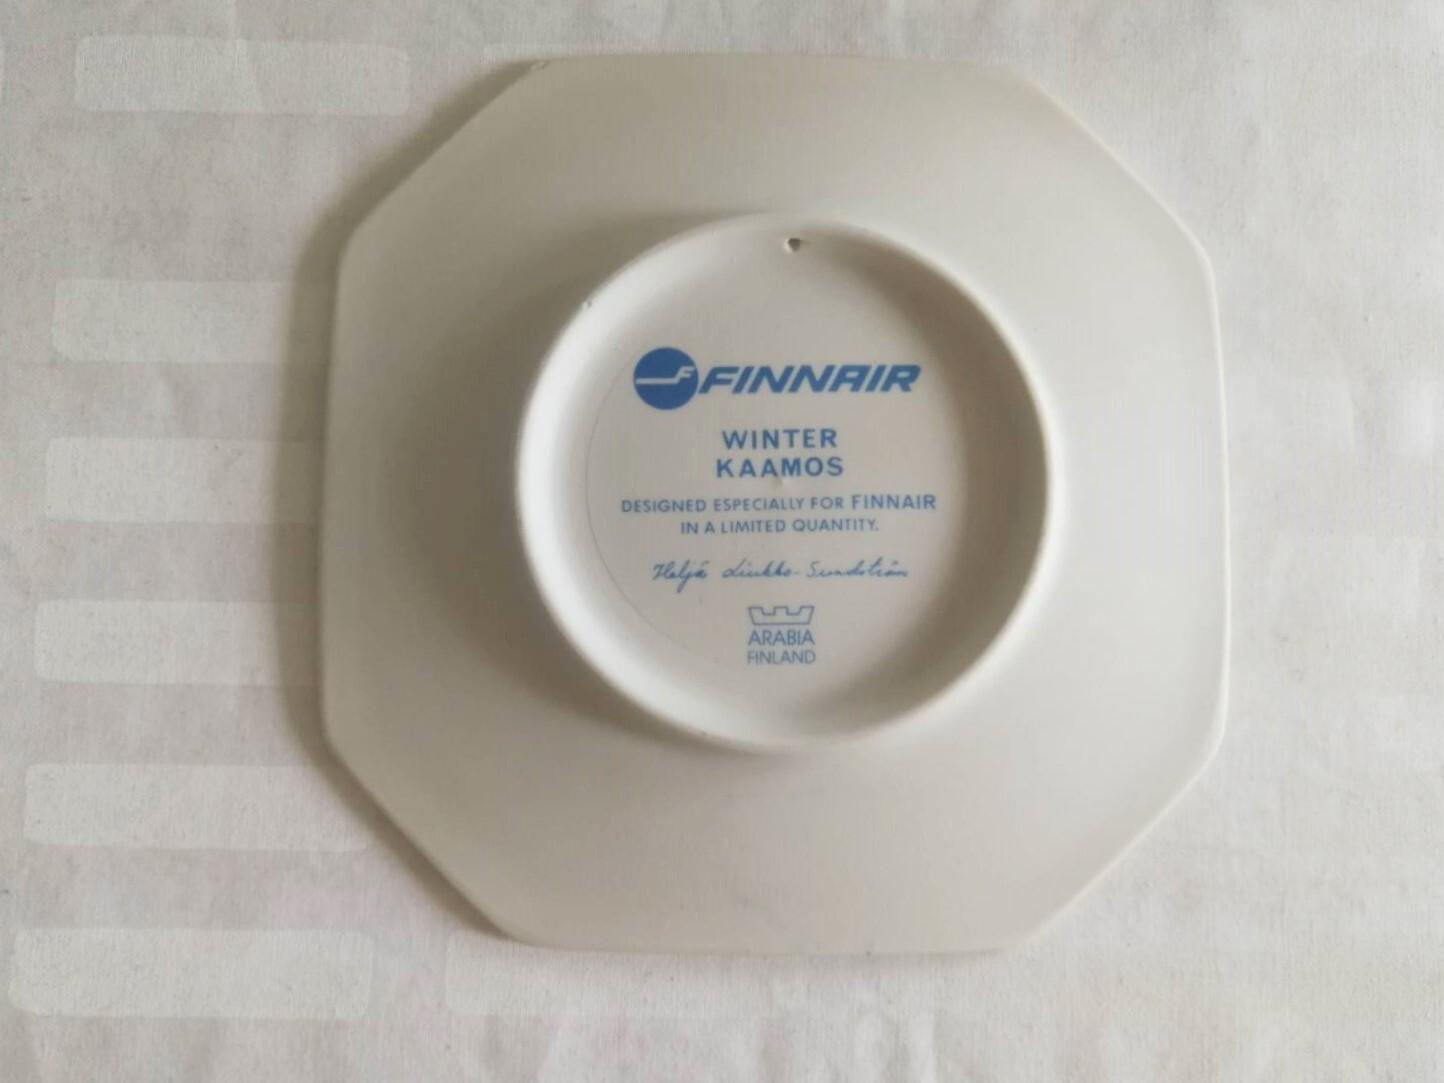 陶板 / アラビア ヴィンテージ / FINNAIR限定 WINTER / ヘルヤ (個装箱入り)